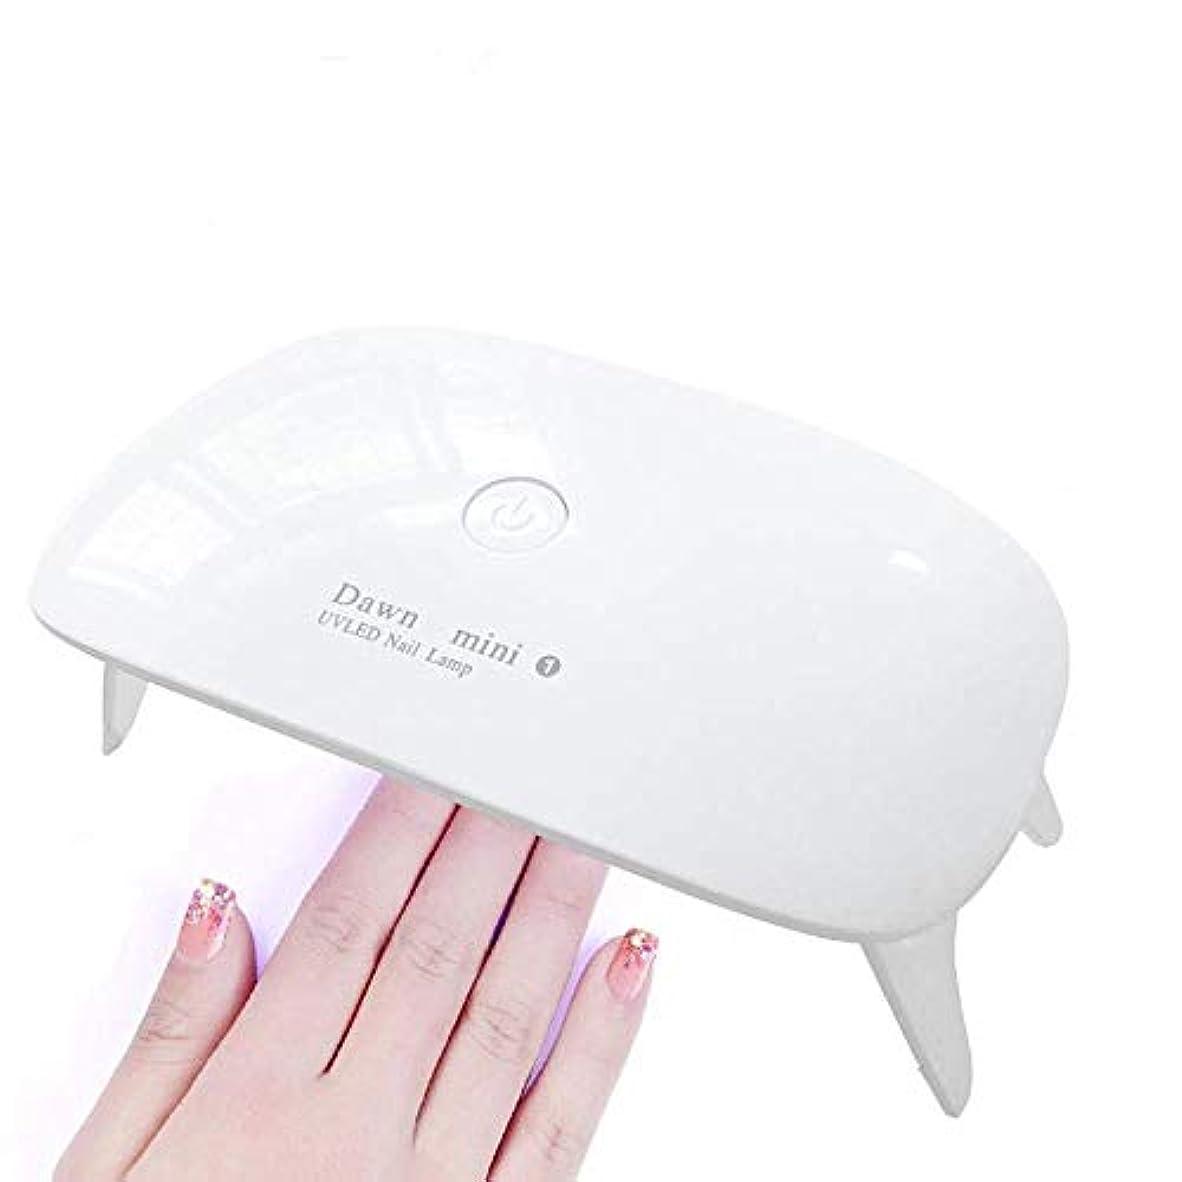 懐保安特性LEDネイルドライヤー UVライト LED 硬化ライト タイマー設定可能 折りたたみ式手足とも使える UV と LEDダブルライト ジェルネイル と uvライト レジン用